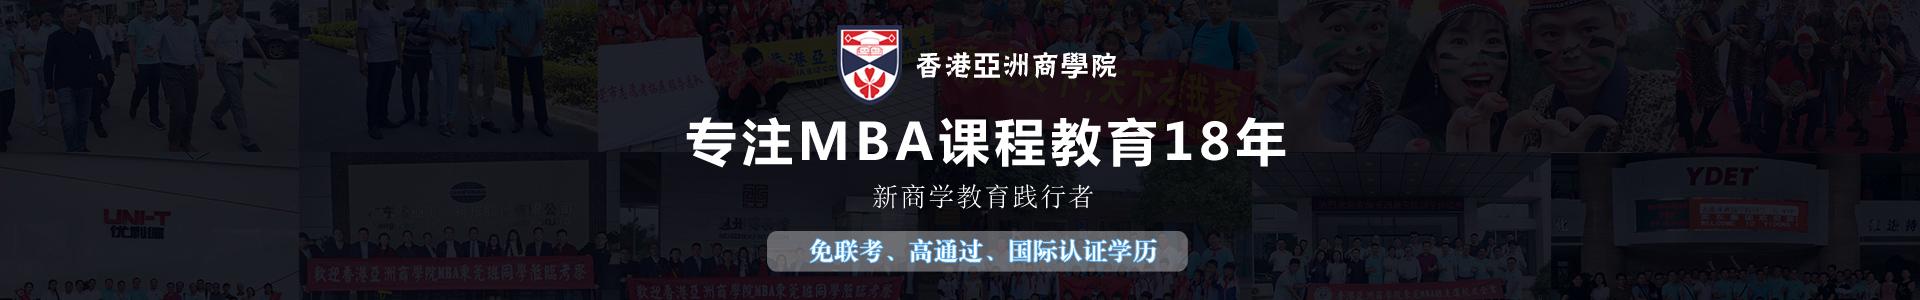 東莞亞商學院MBA培訓